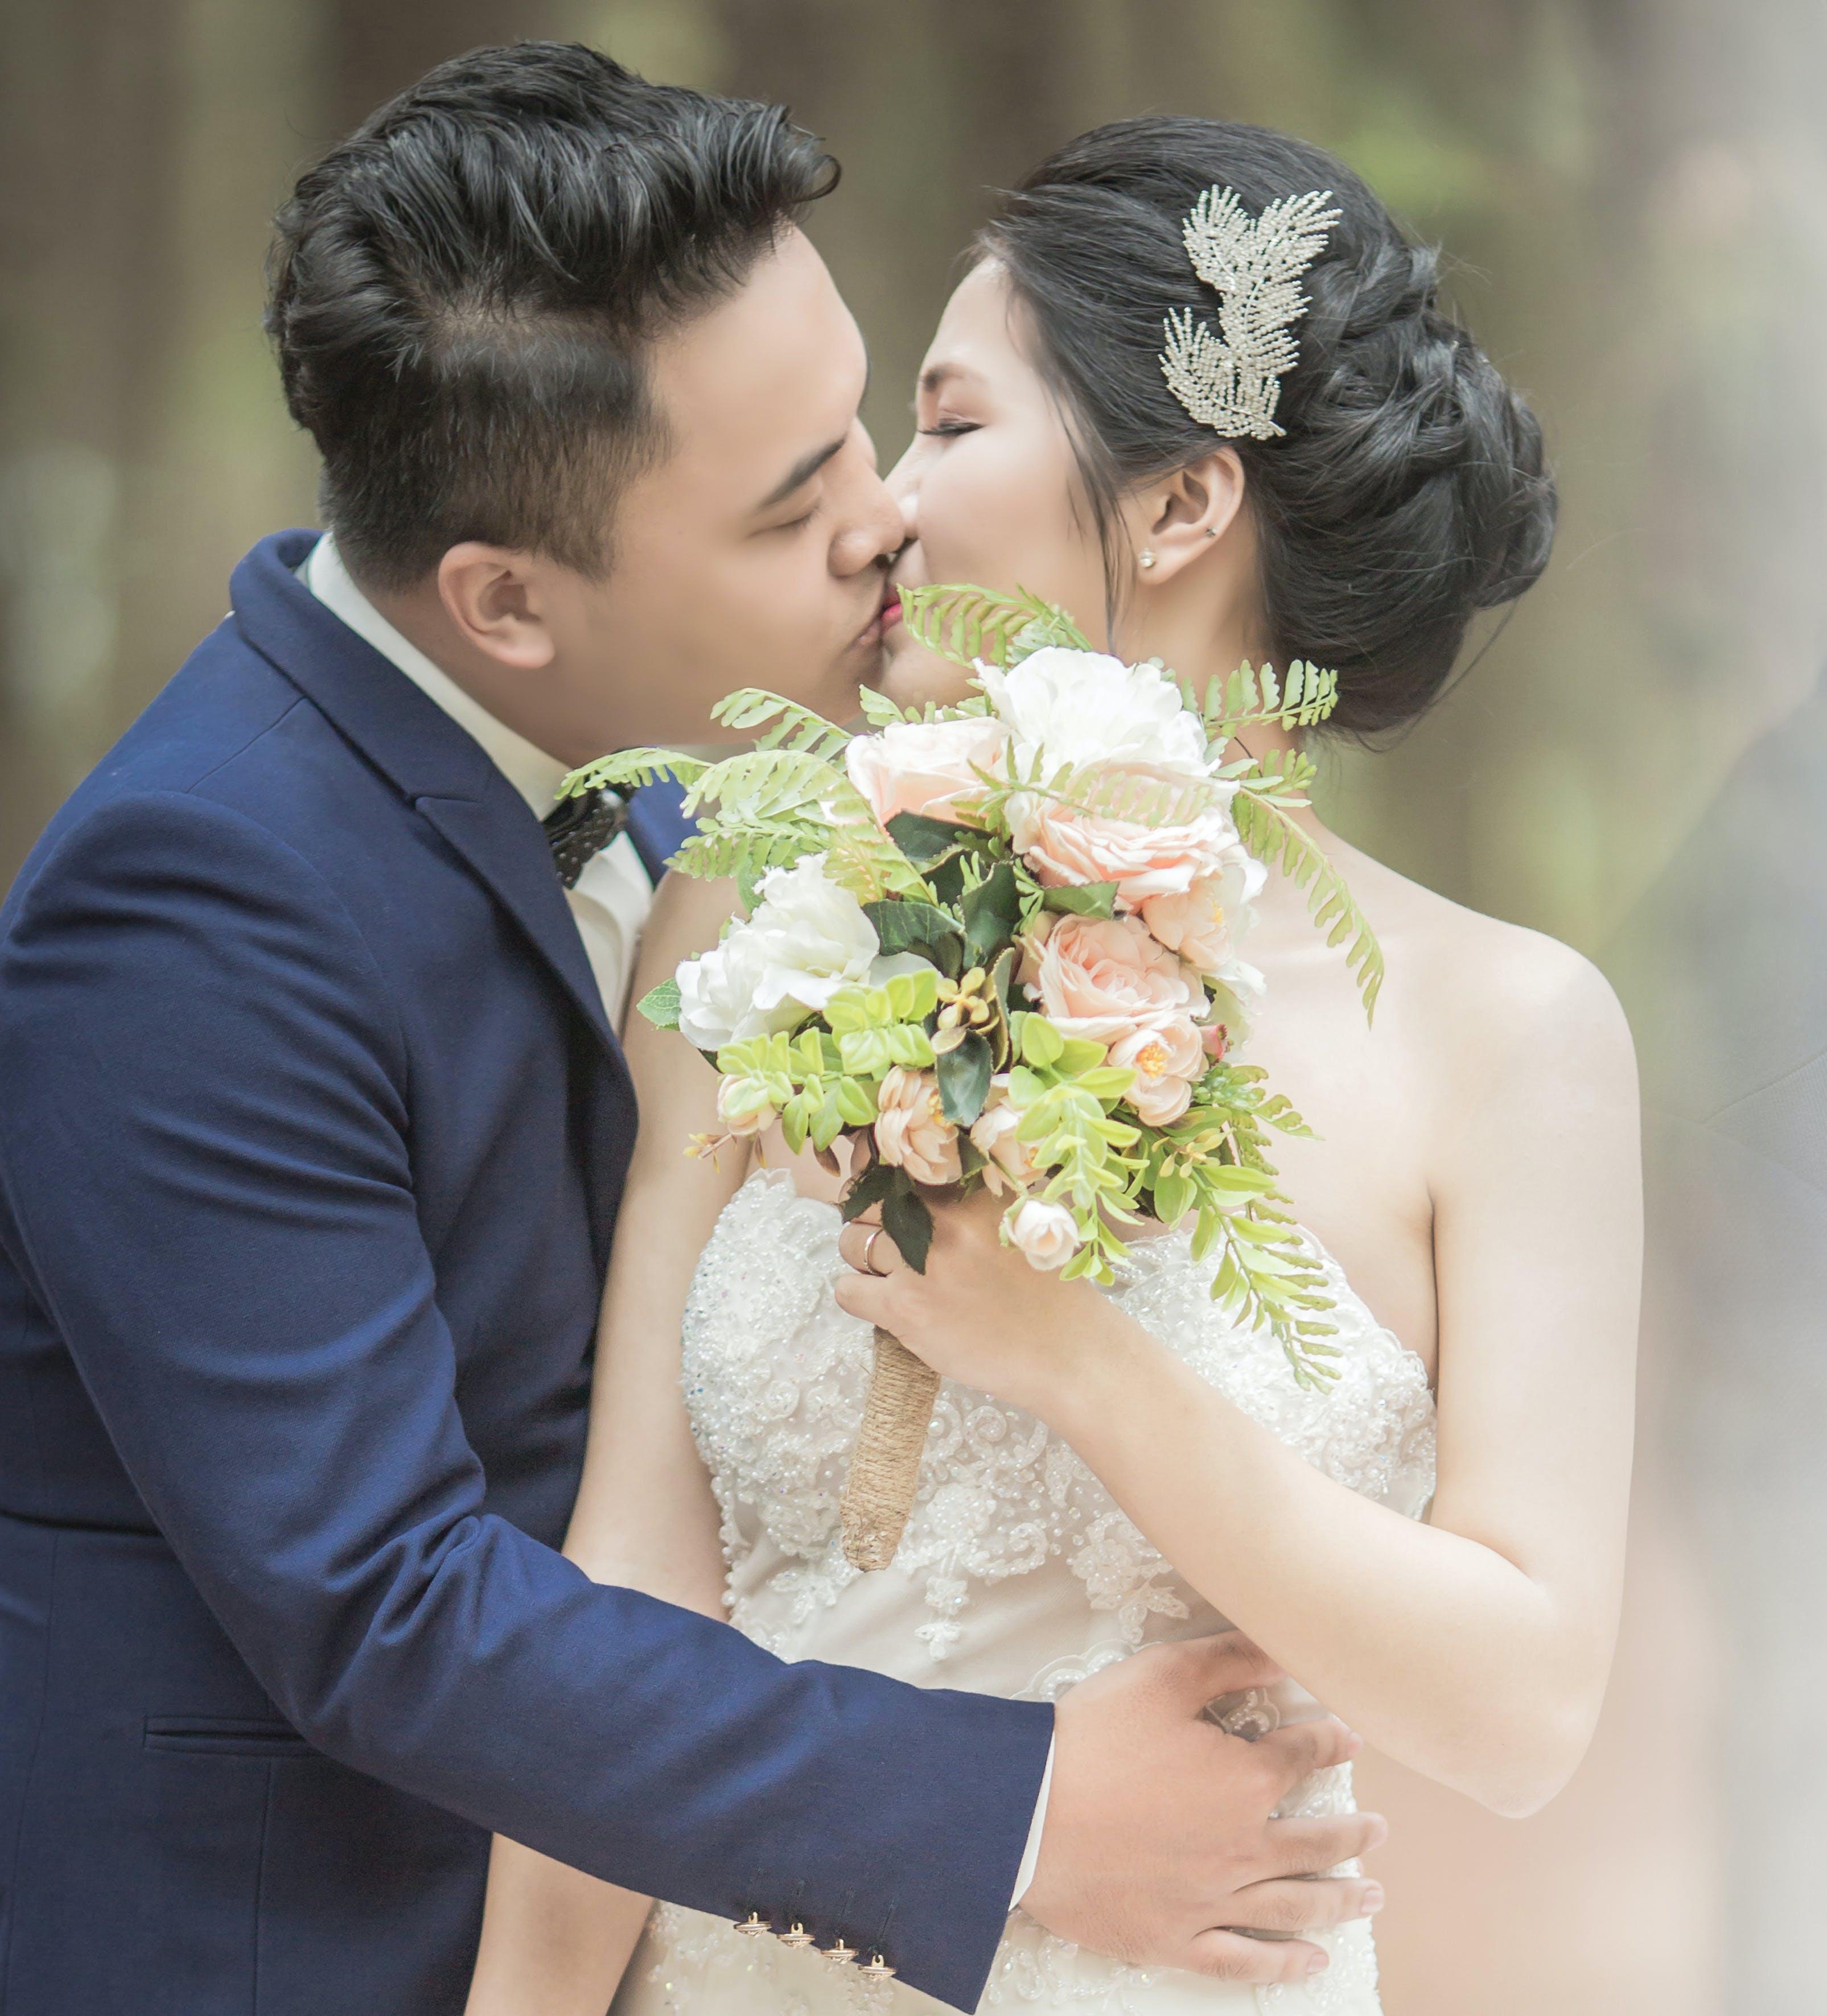 asiatisches paar, blumen, blumenstrauß